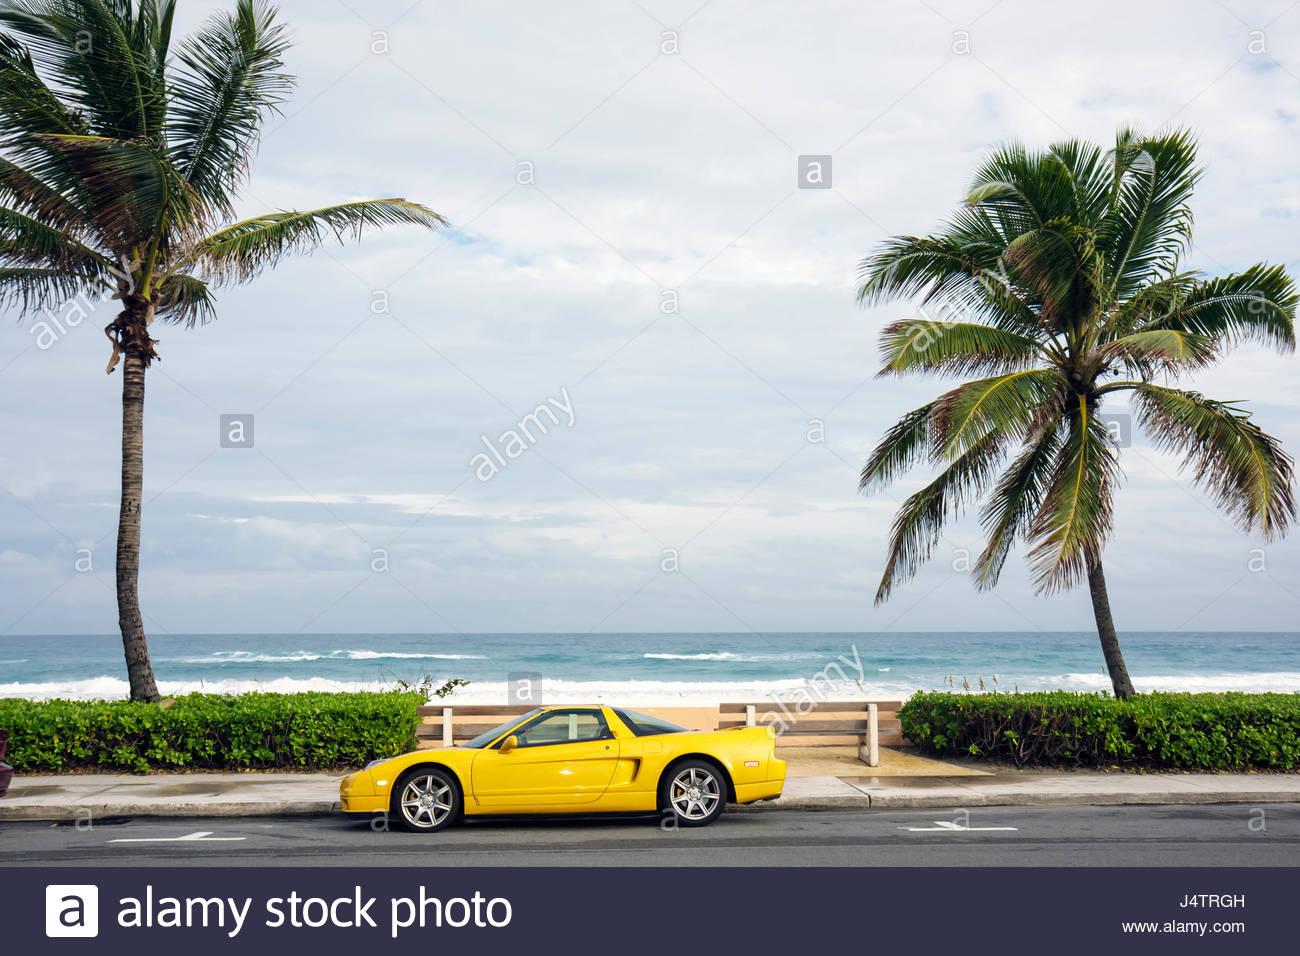 Chevrolet Corvette Beach Stock Photos Amp Chevrolet Corvette